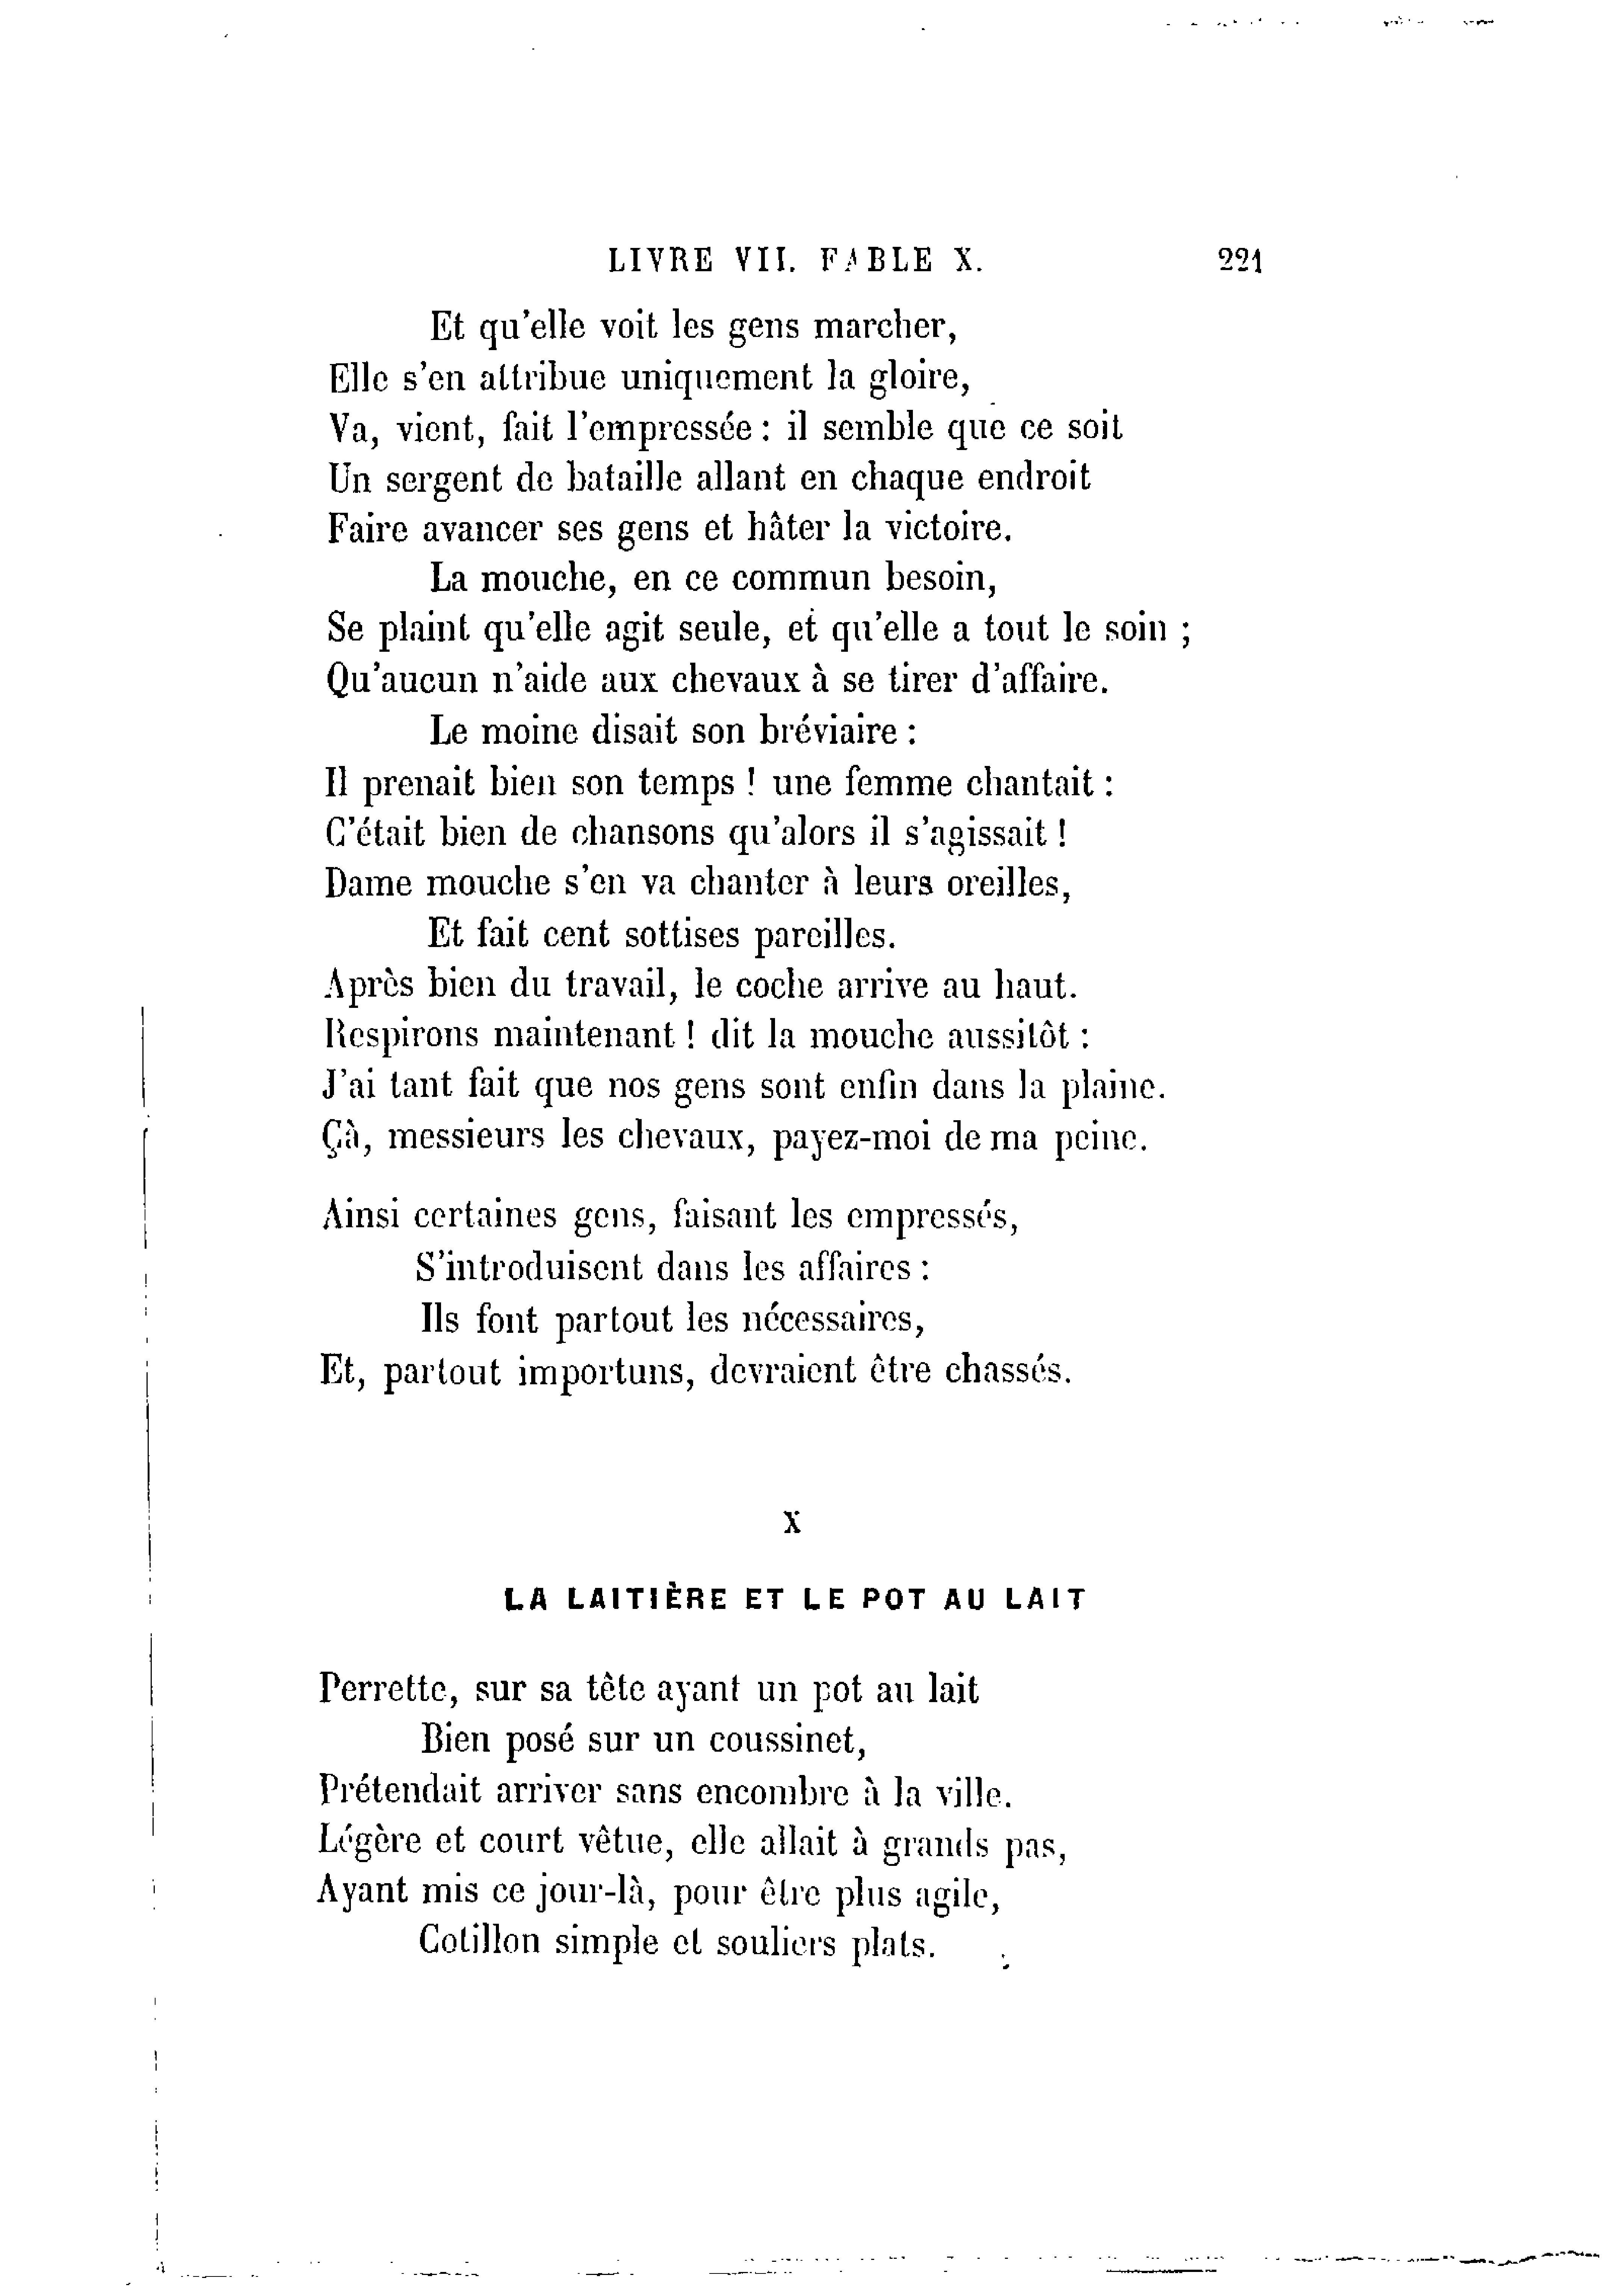 Perrette Et Le Pot Au Lait Texte : perrette, texte, Laitière, Texte